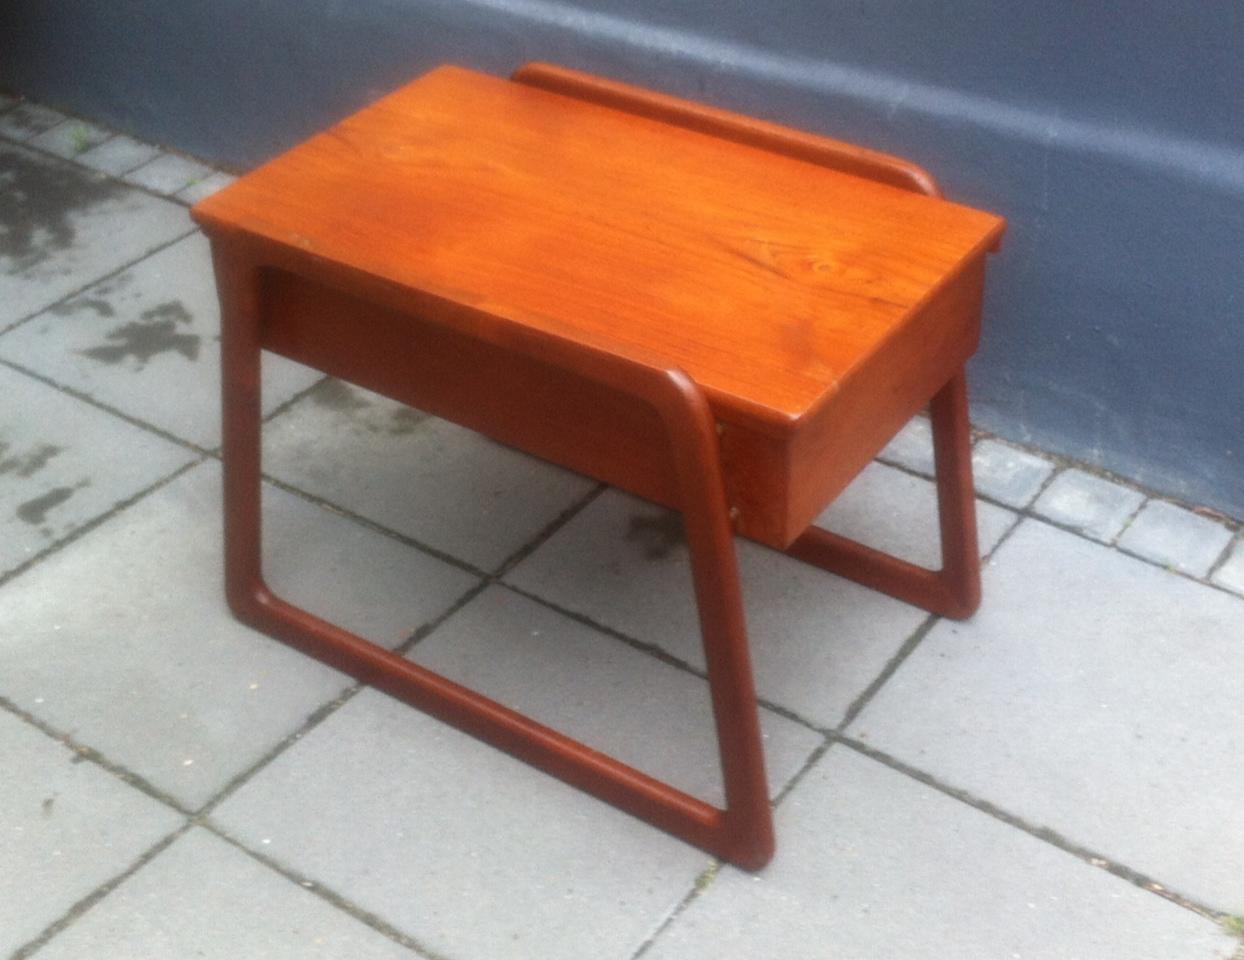 sybord entr m bel af teak sika m bler 1960 erne. Black Bedroom Furniture Sets. Home Design Ideas